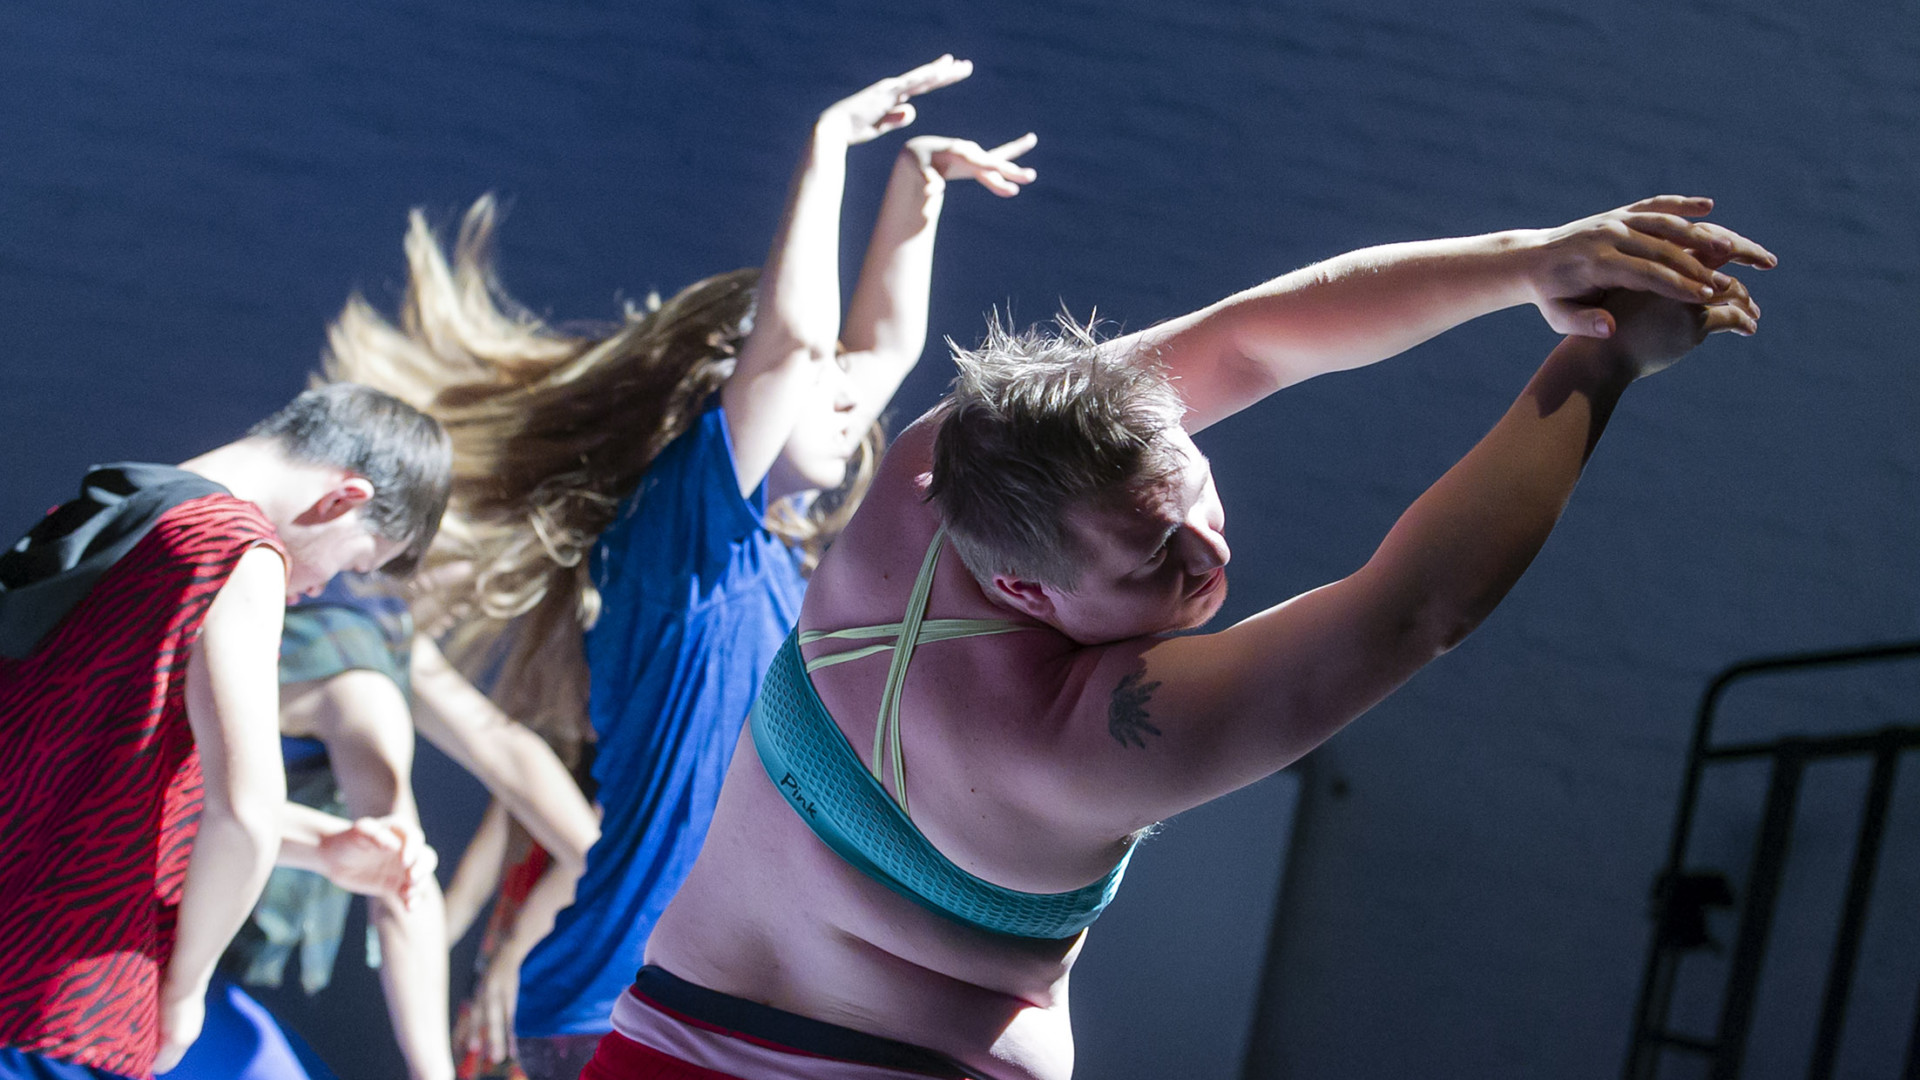 Szenenfoto aus einer Auffuehrung: Ein Mann im Vordergrund tanzend. Im Hintergrund drei weitere Personen